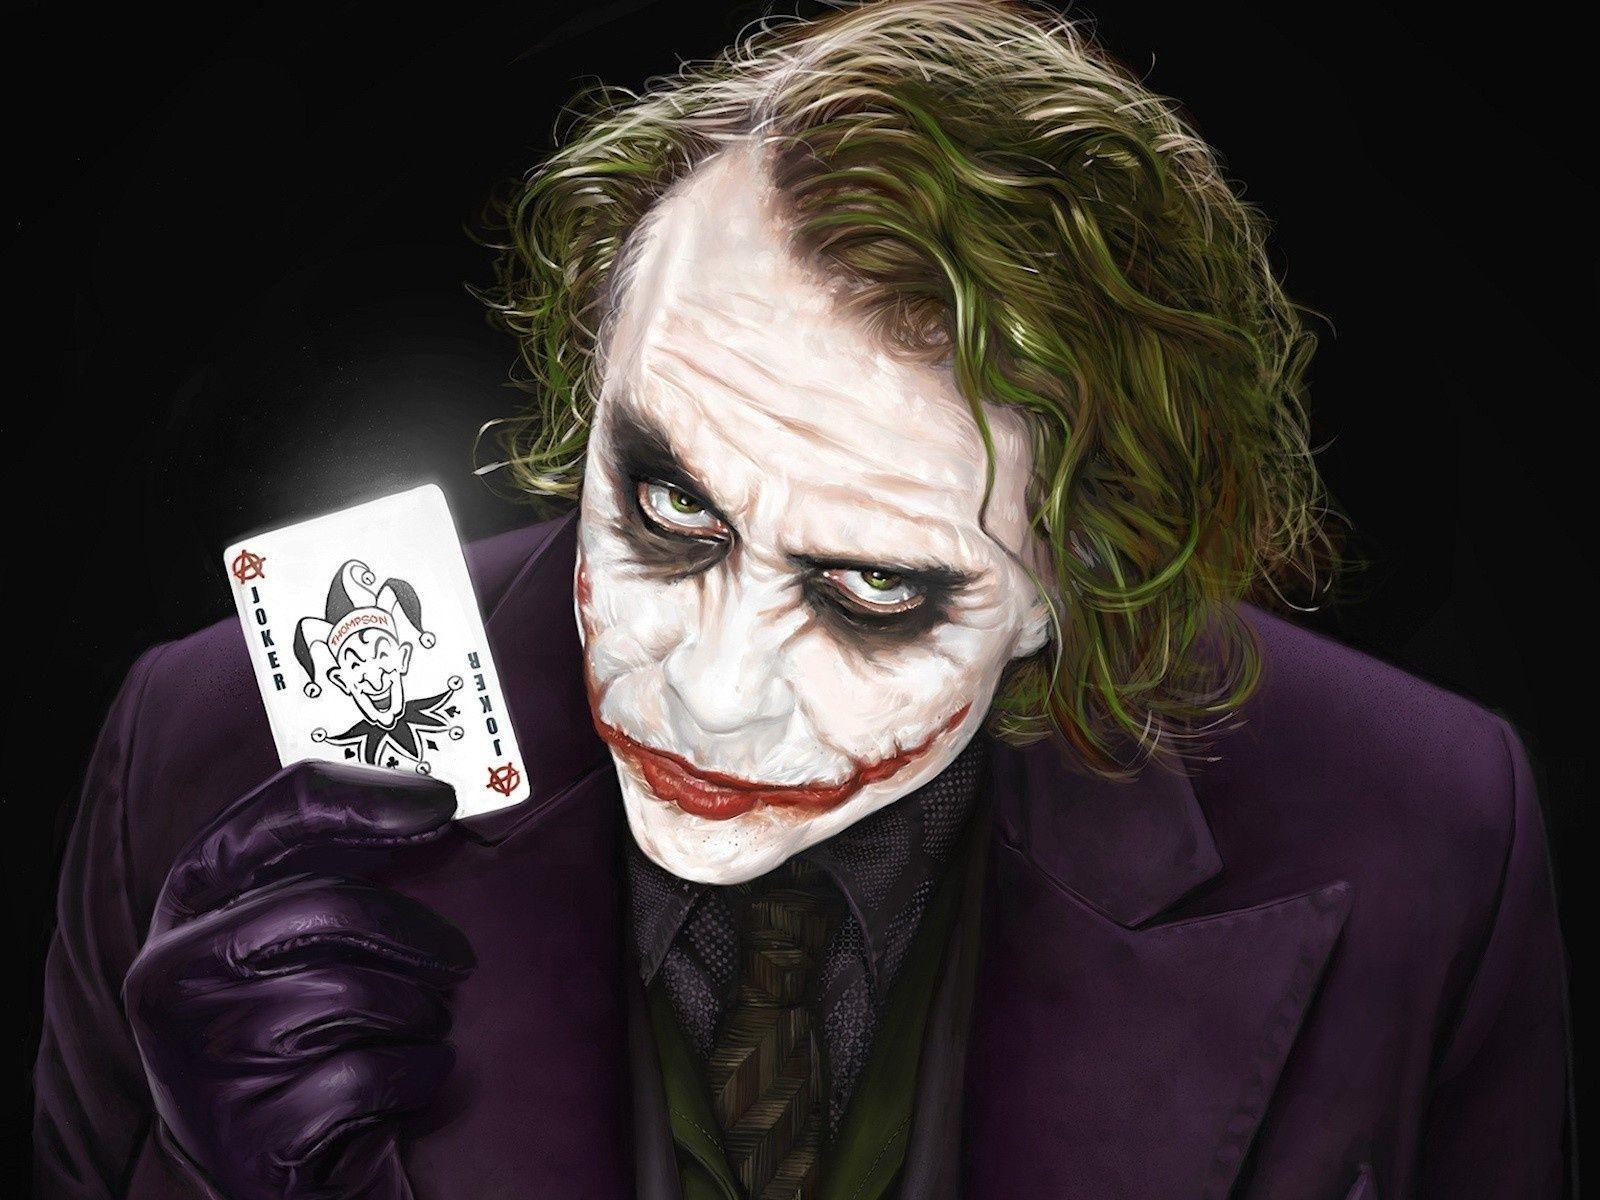 Dark Knight Joker Face Wallpapers Top Free Dark Knight